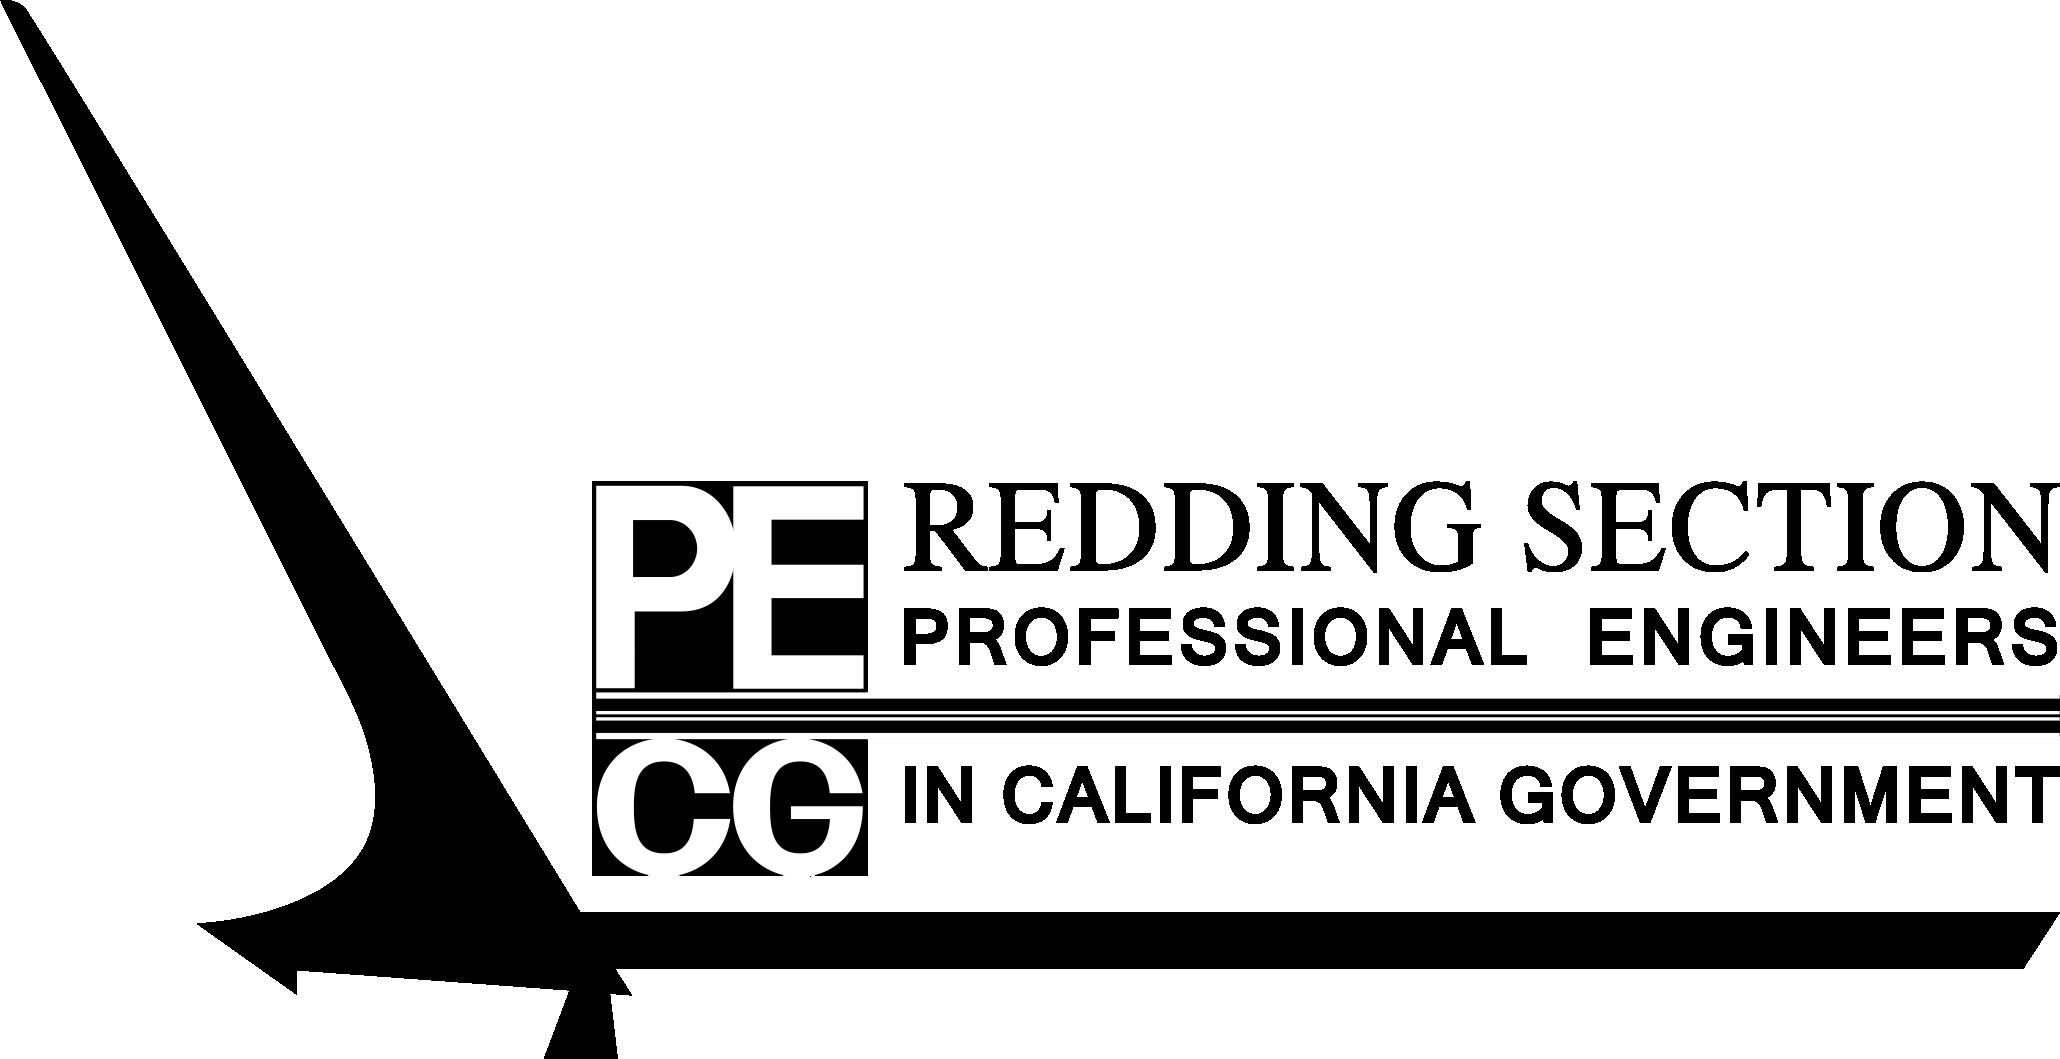 pecg_rdg_blk.png